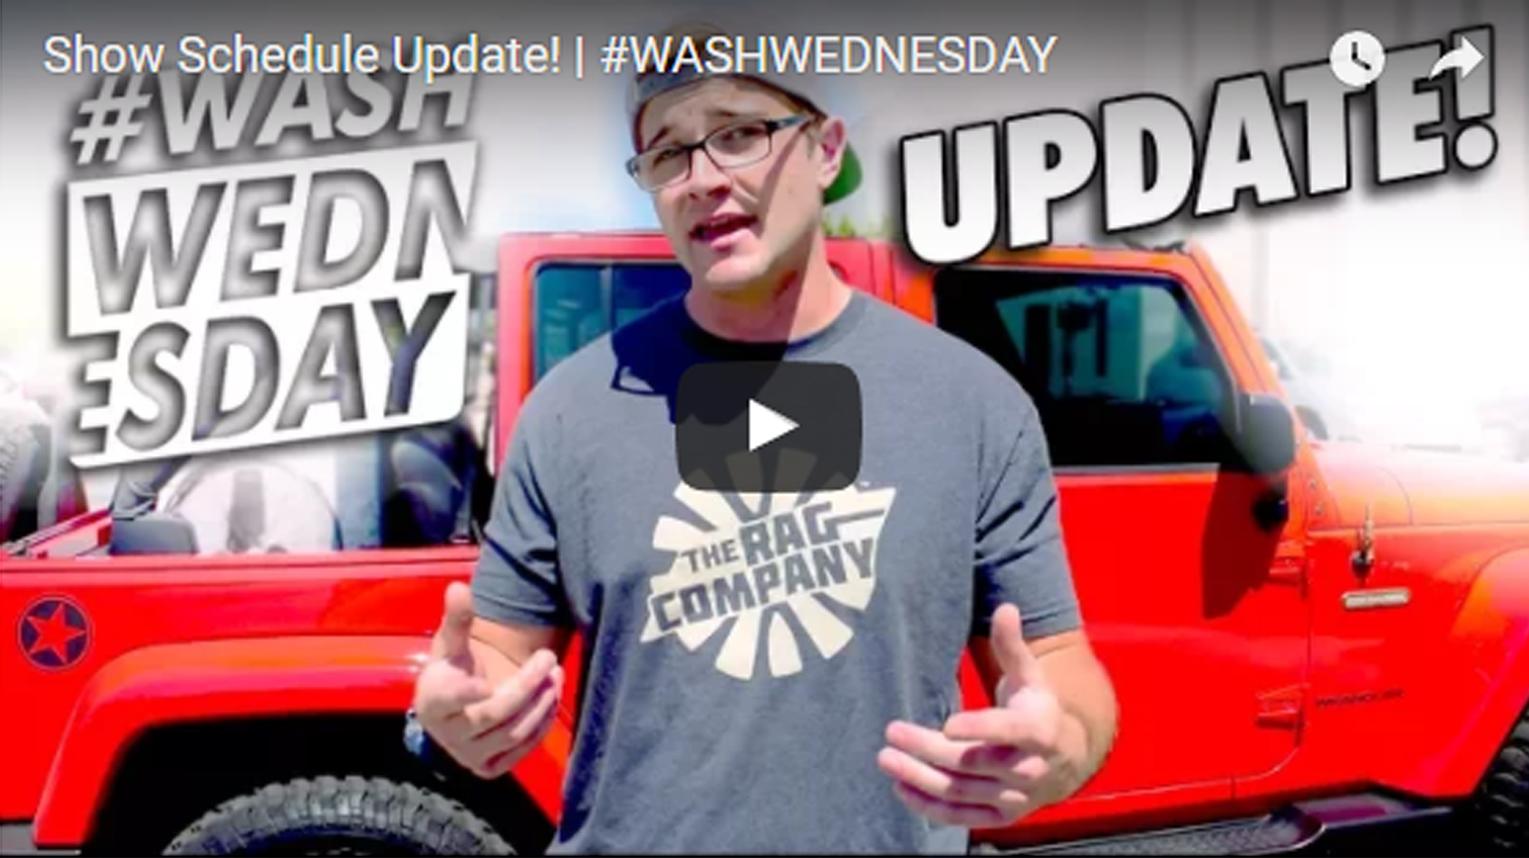 Show Schedule Update! | #WASHWEDNESDAY